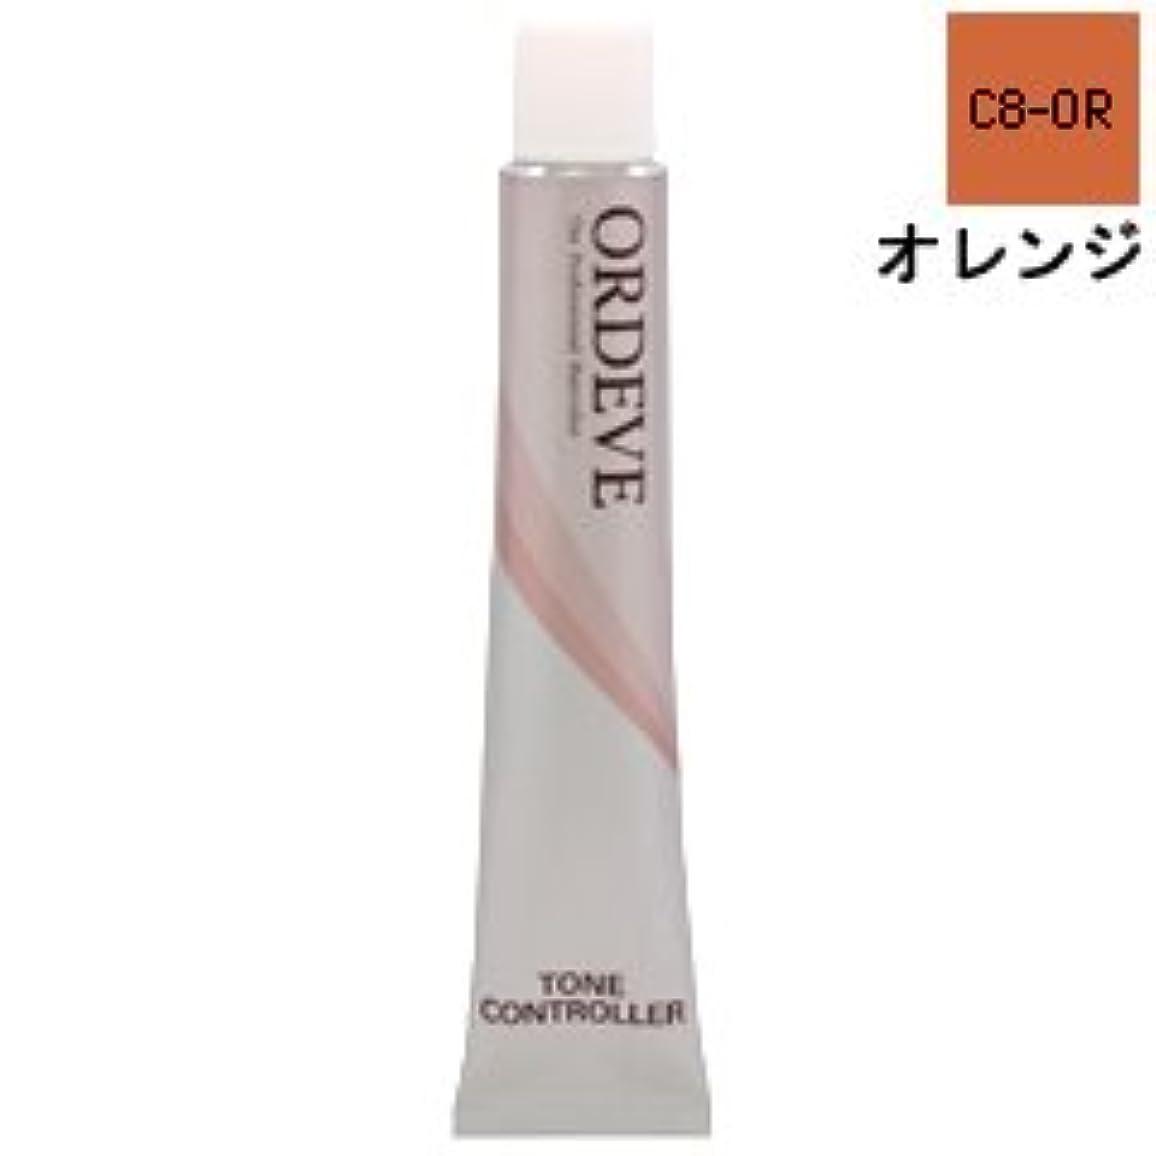 緩めるレジパワー【ミルボン】オルディーブ トーンコントローラー #C8-OR オレンジ 80g